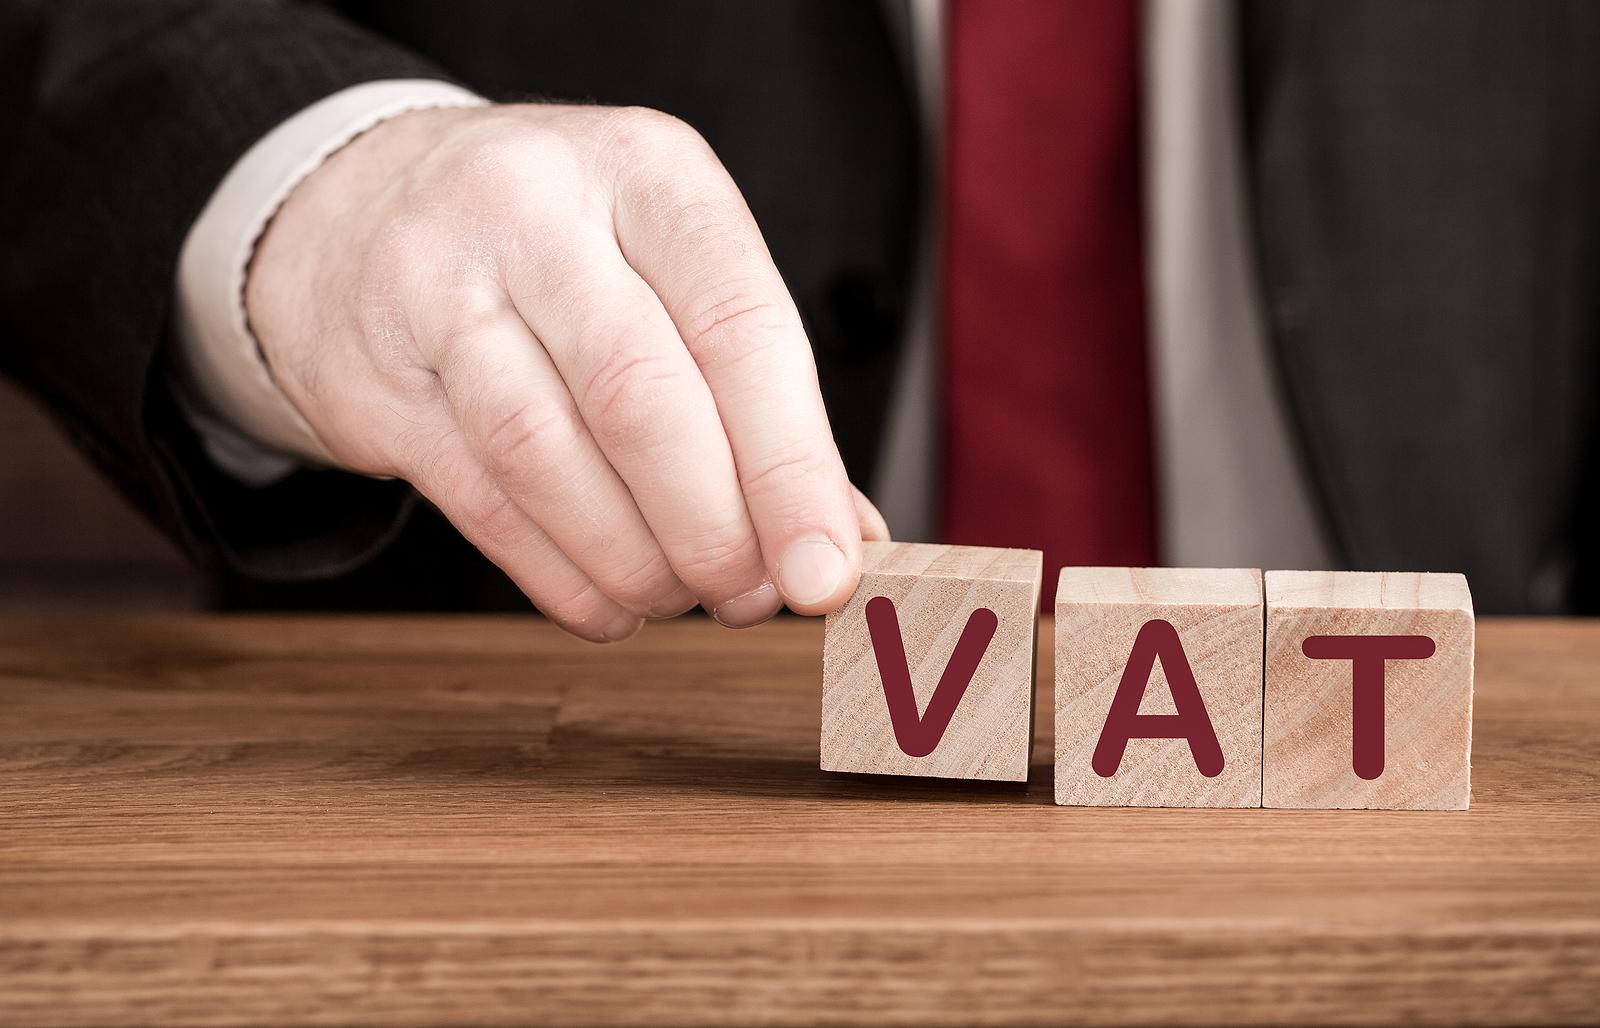 SLIM VAT: Ministerstwo finansów pracuje nad zmianami w przepisach